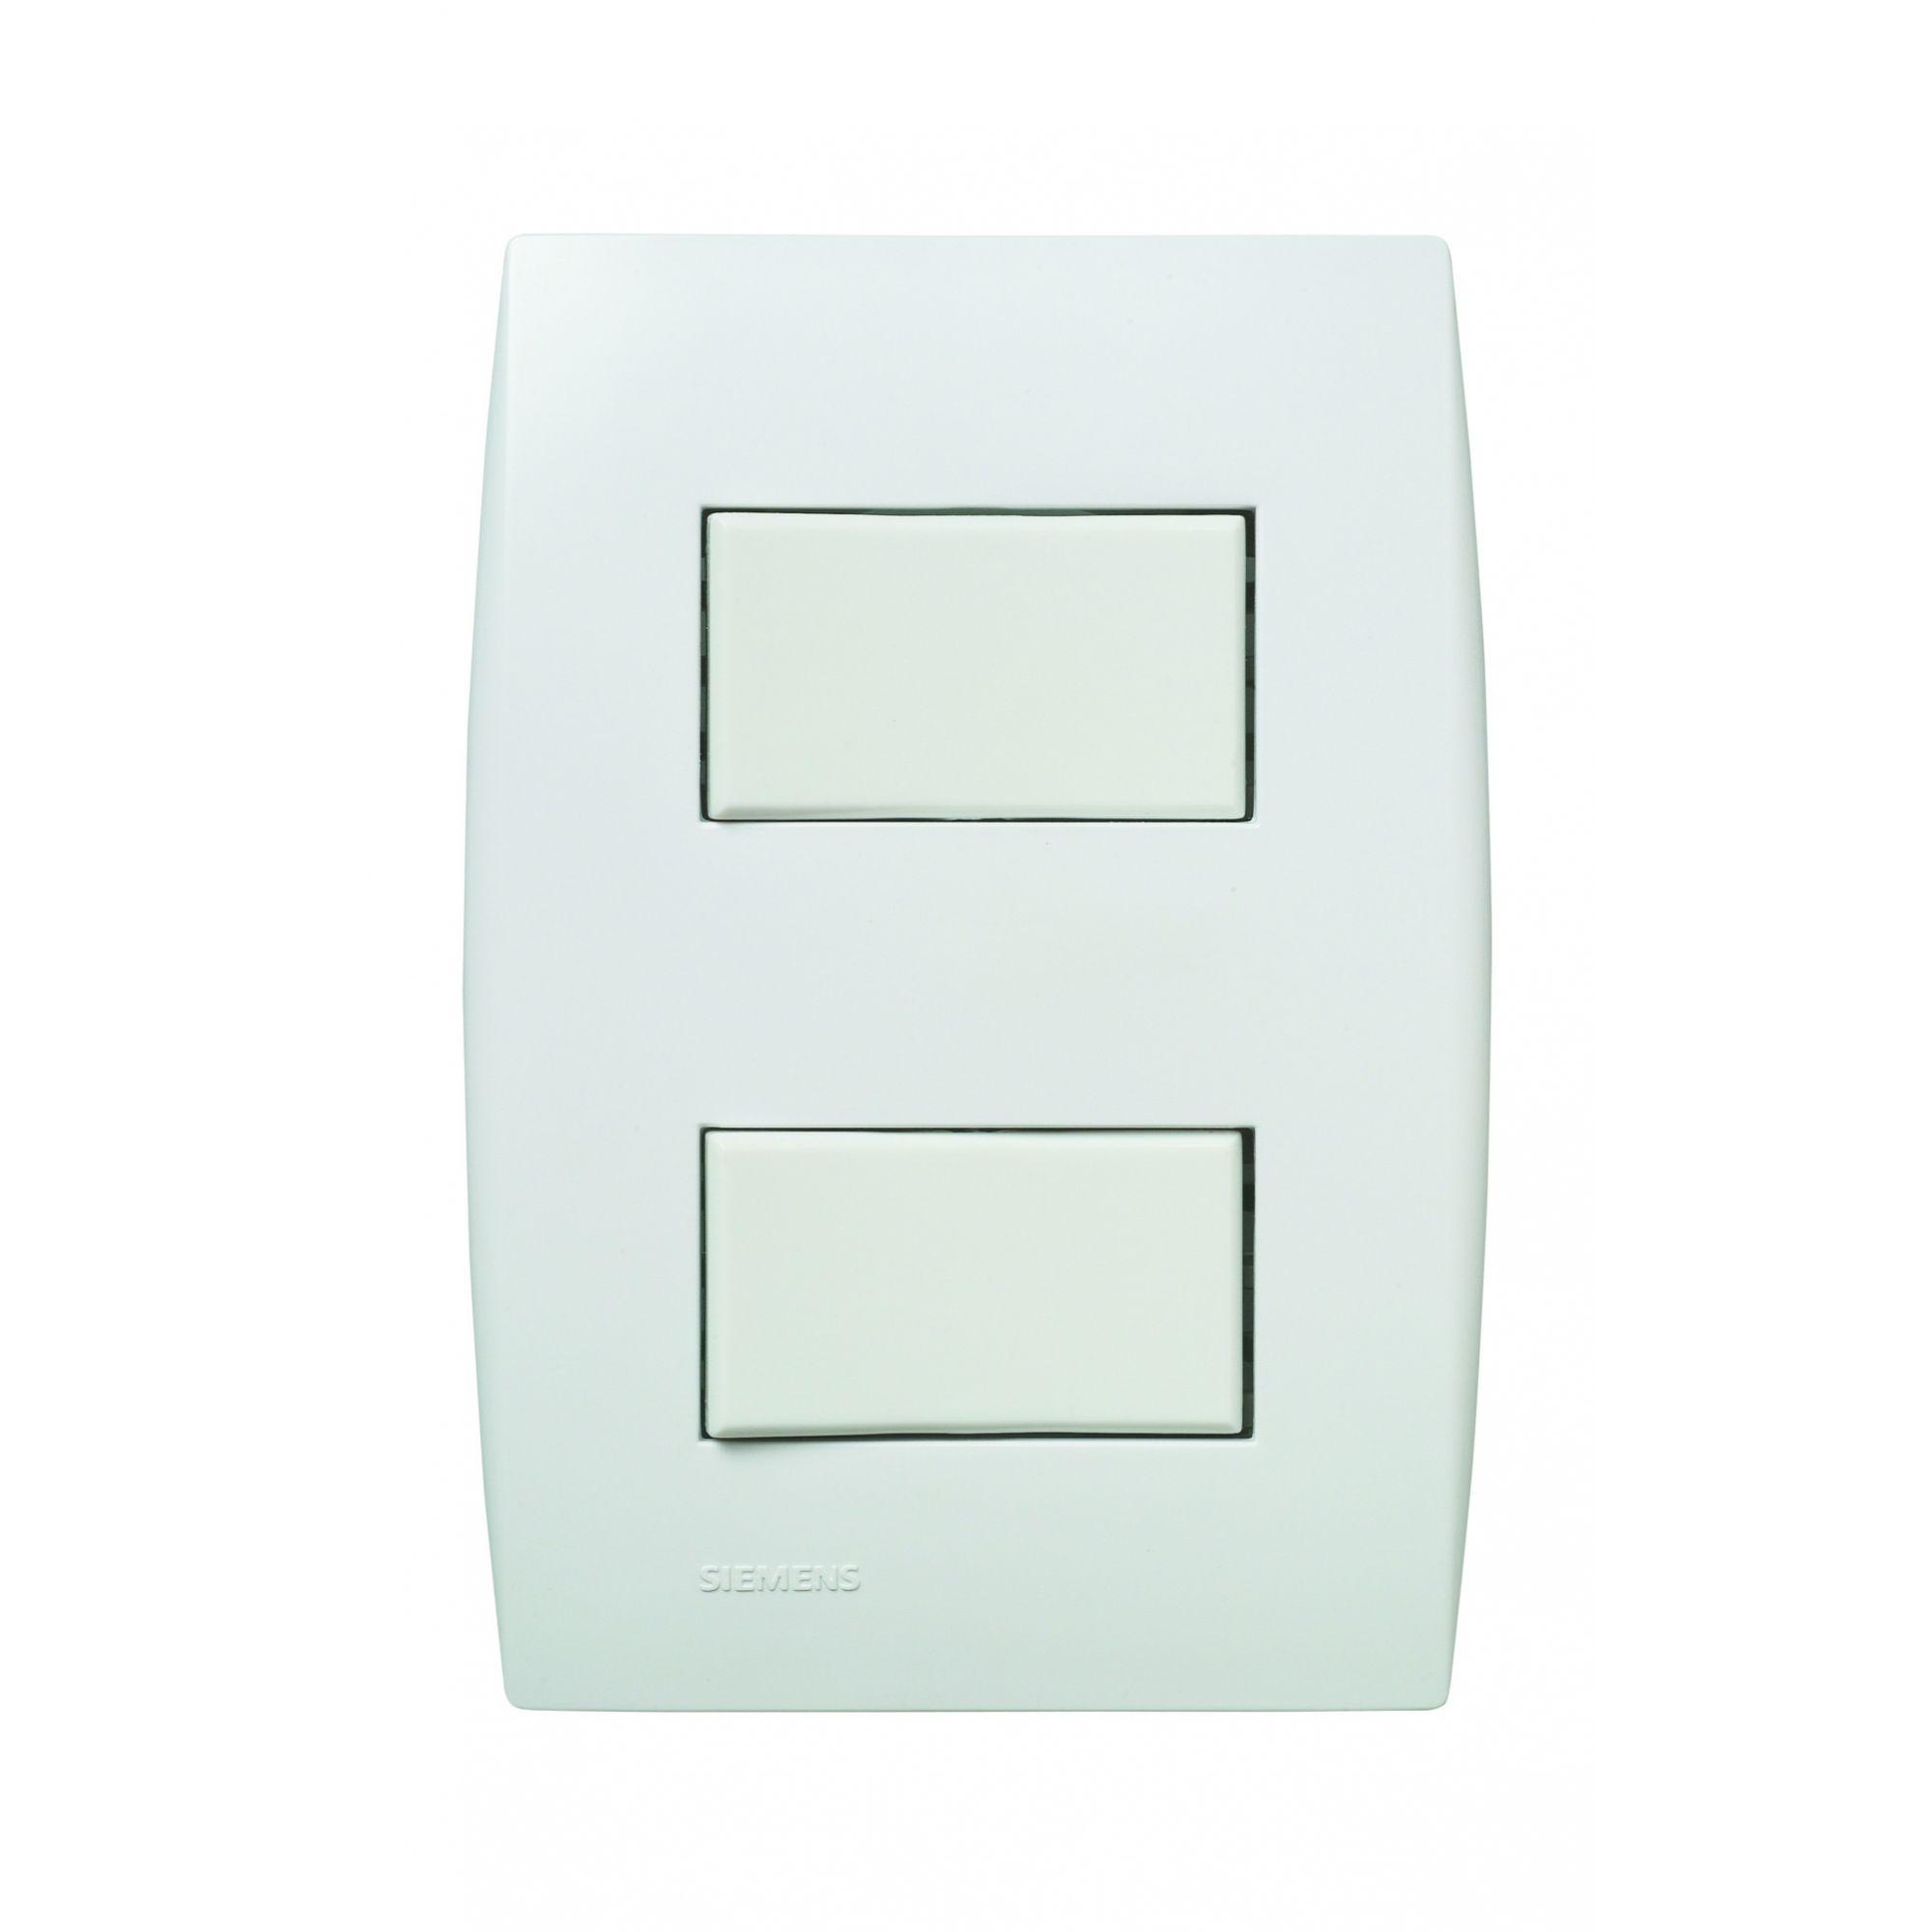 Interruptores Simples – Ilus 5TA9 9047 - Siemens